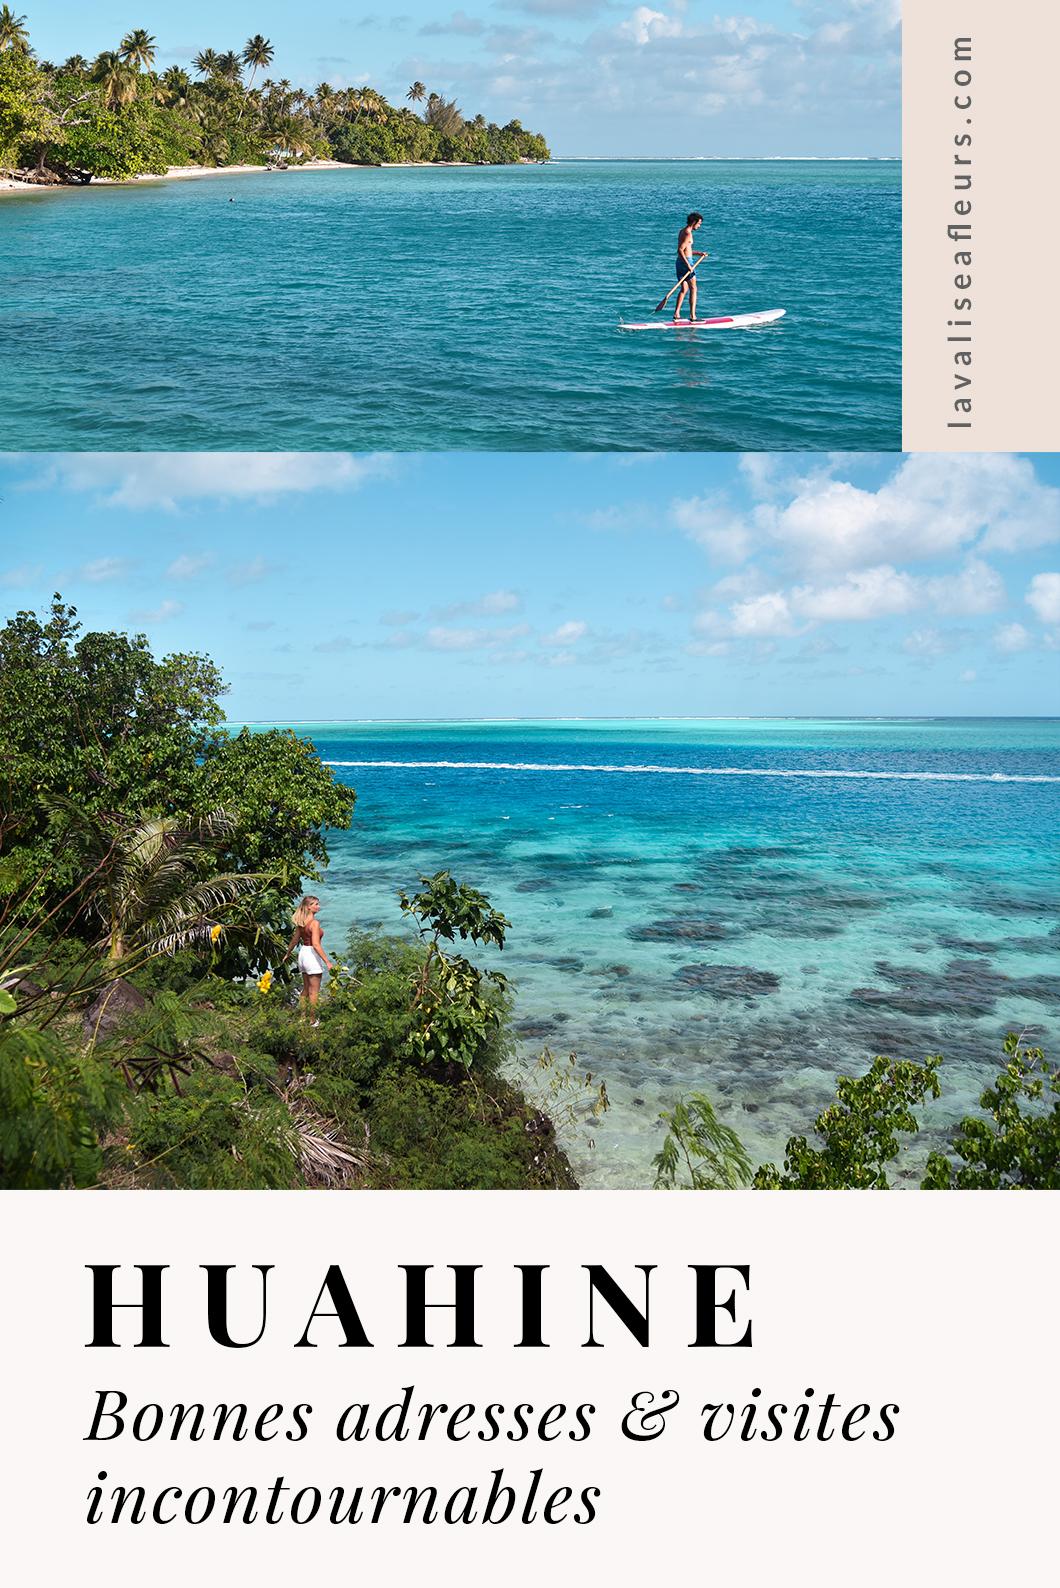 Bonnes adresses et visites incontournables à Huahine